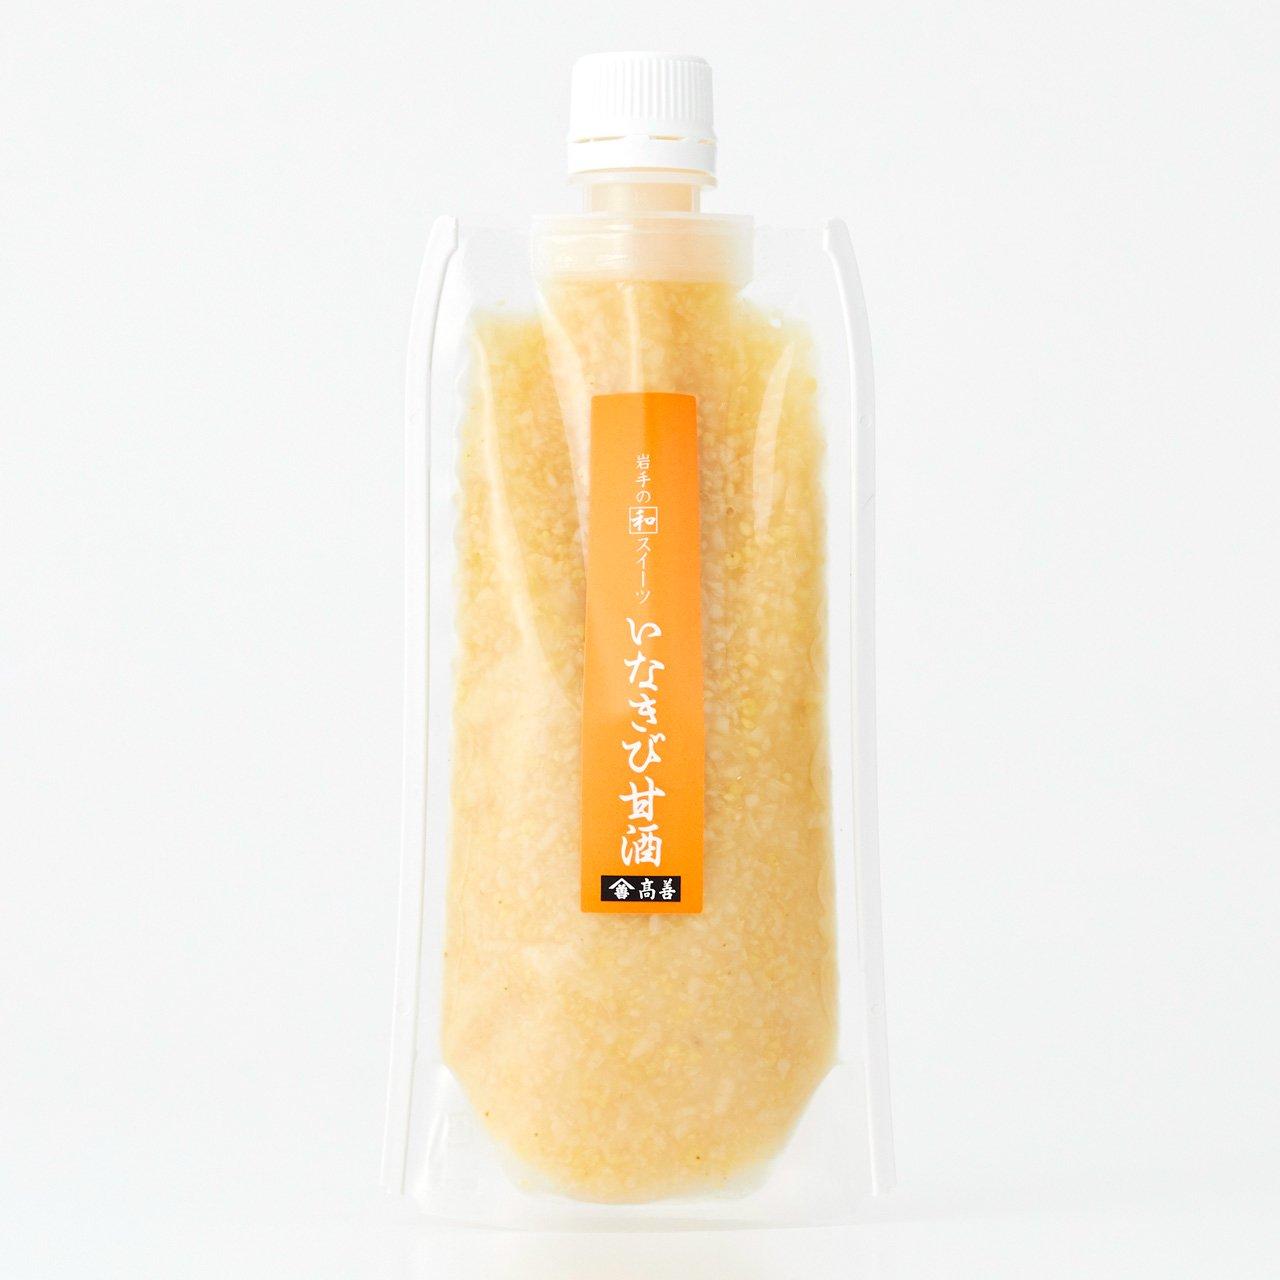 いなきび甘酒 180g(原液タイプ)